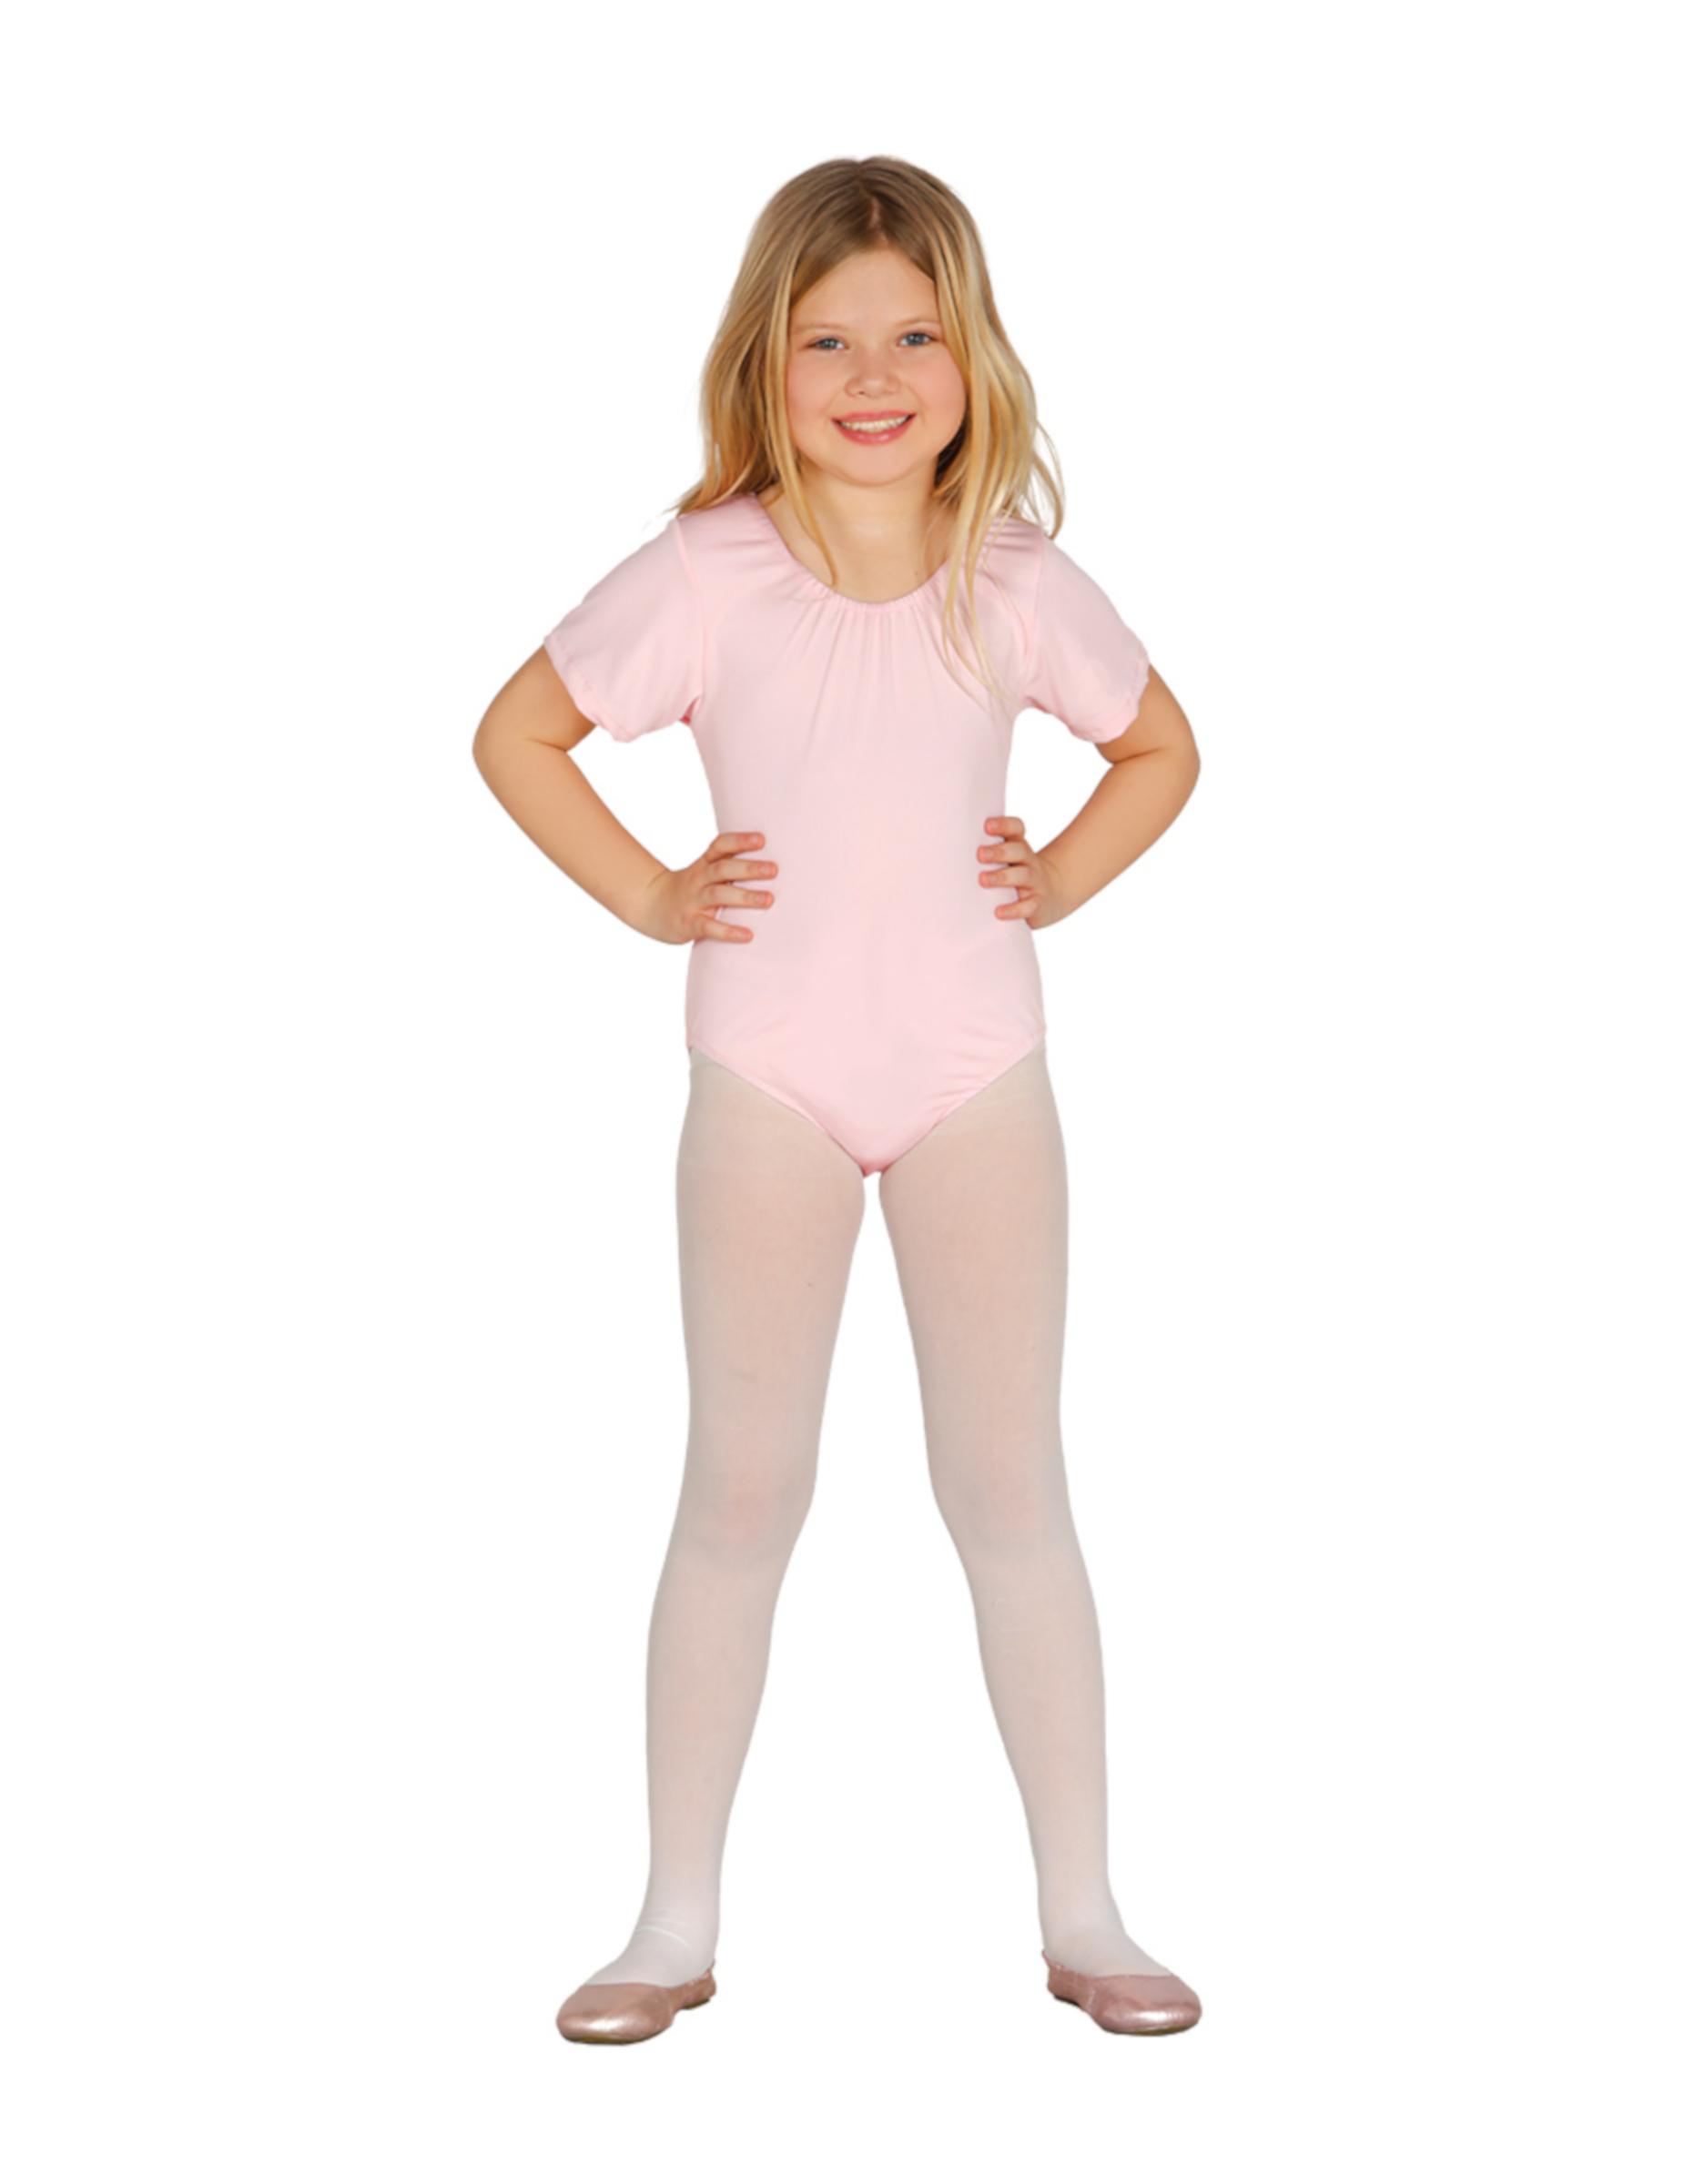 #Body-Anzug für Kinder Ballerina-Kostüm-Accessoire rosa#